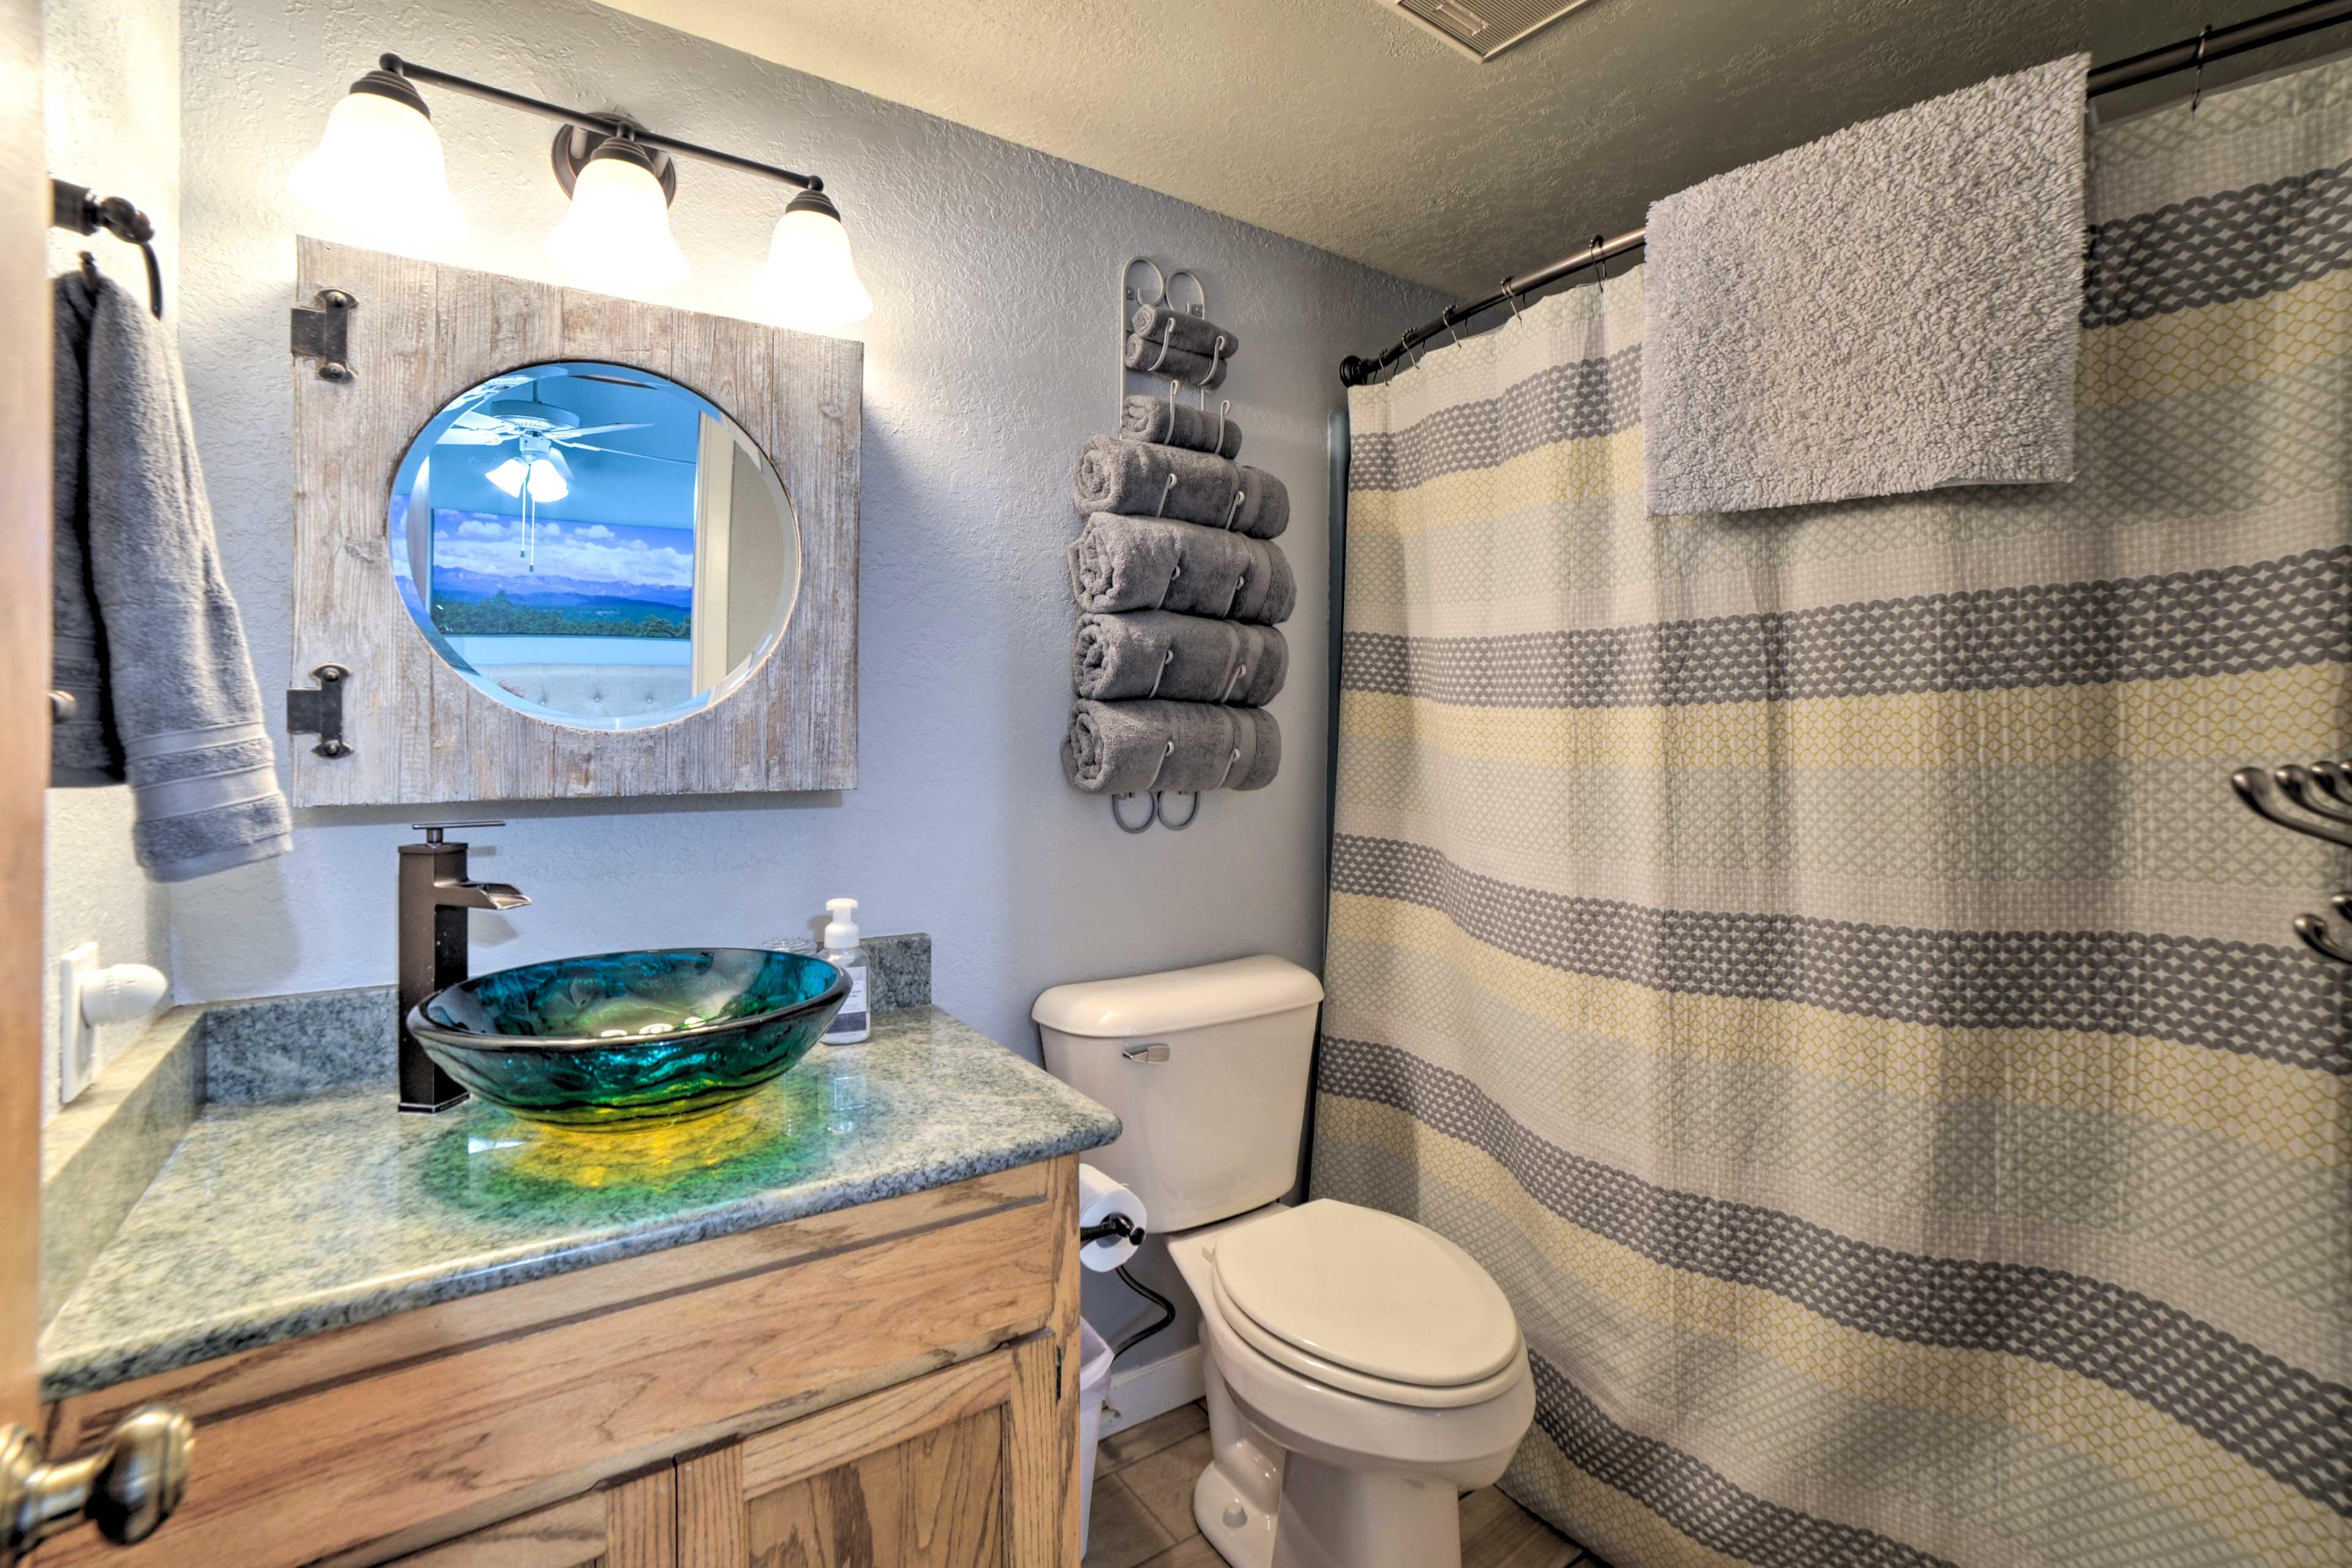 The en-suite bathroom has a shower/tub combo.